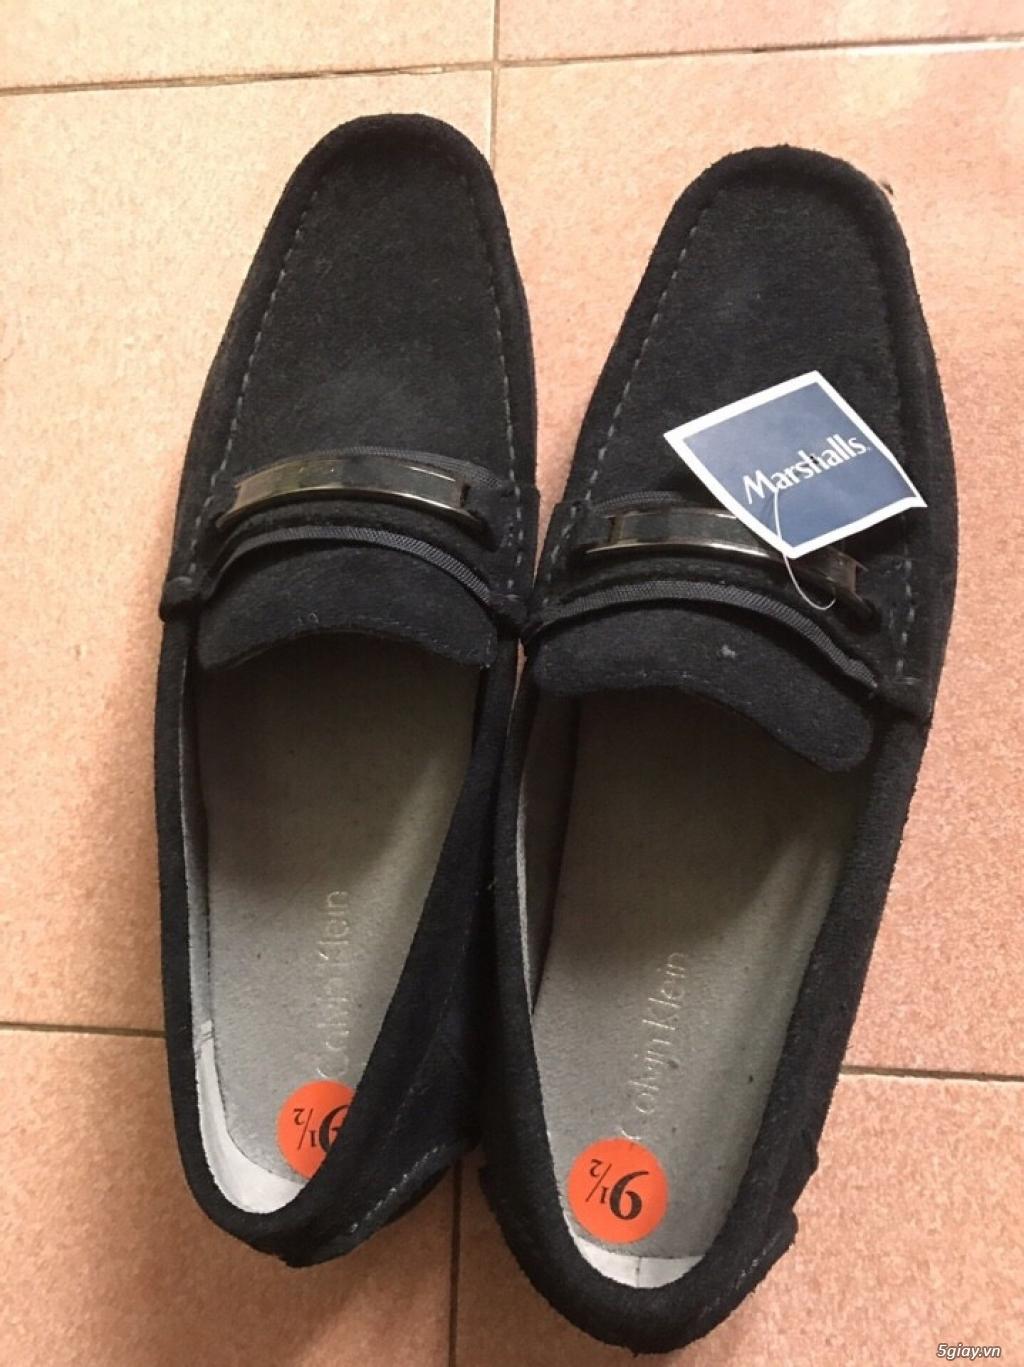 giày mọi CK da lộn xách tay US cưc đẹp.....^^ - 2